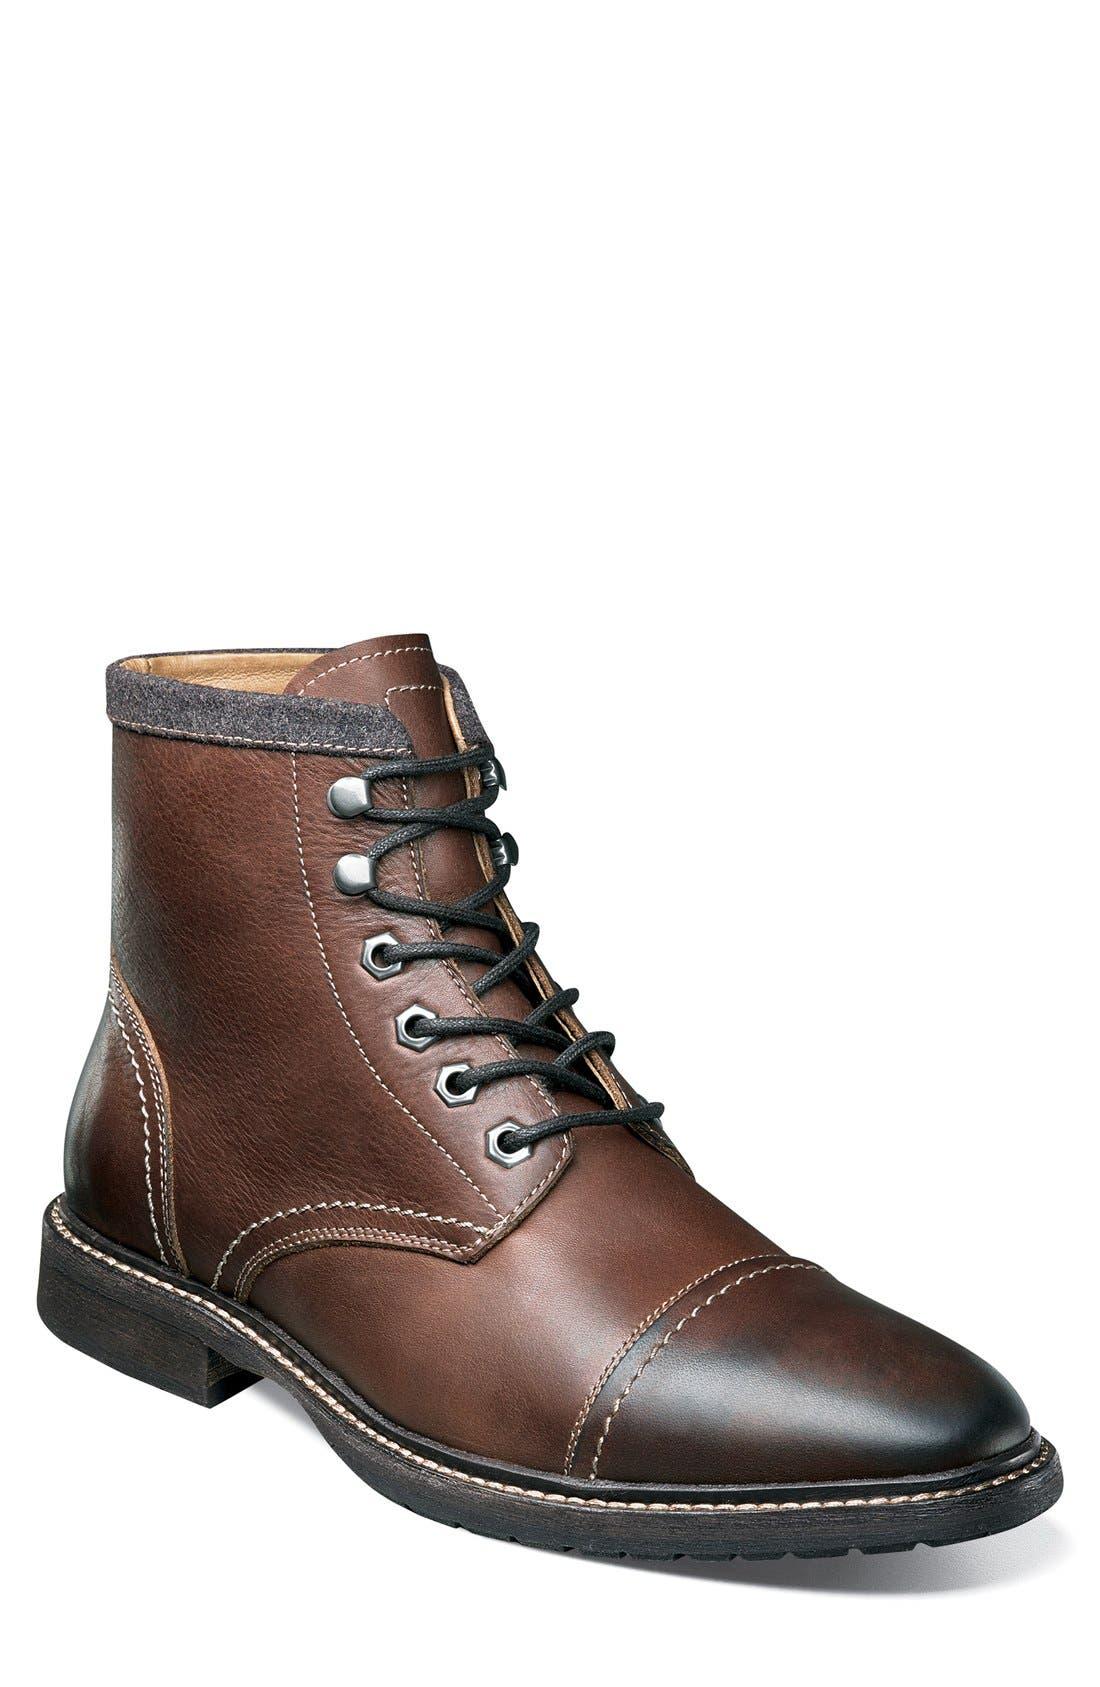 Alternate Image 1 Selected - Florsheim 'Indie' Cap Toe Boot (Men)